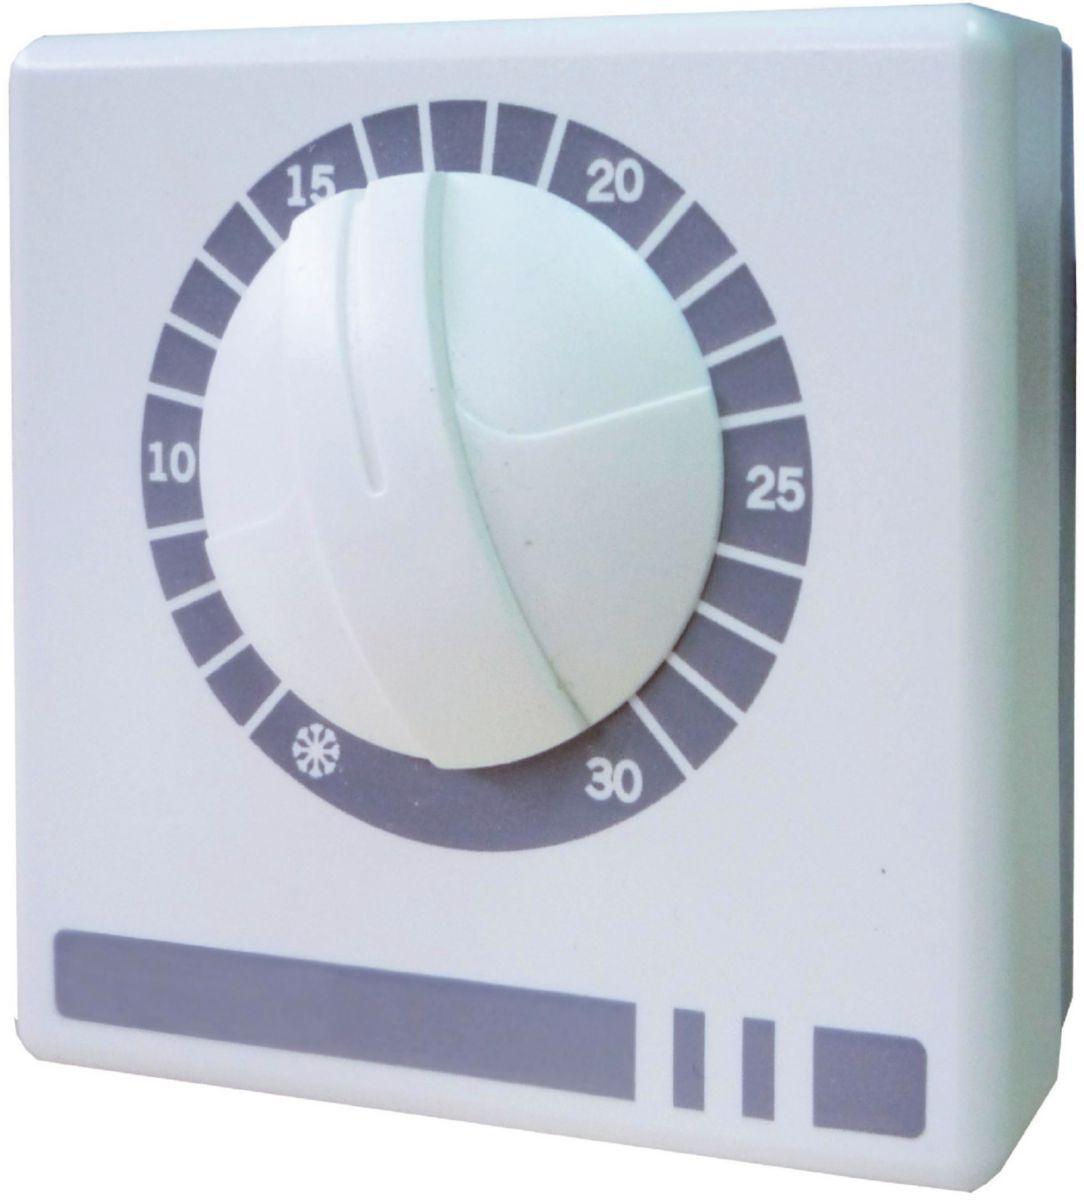 Thermostat d'ambiance pour chaudière Rembrandt/Gialix réf. 710043